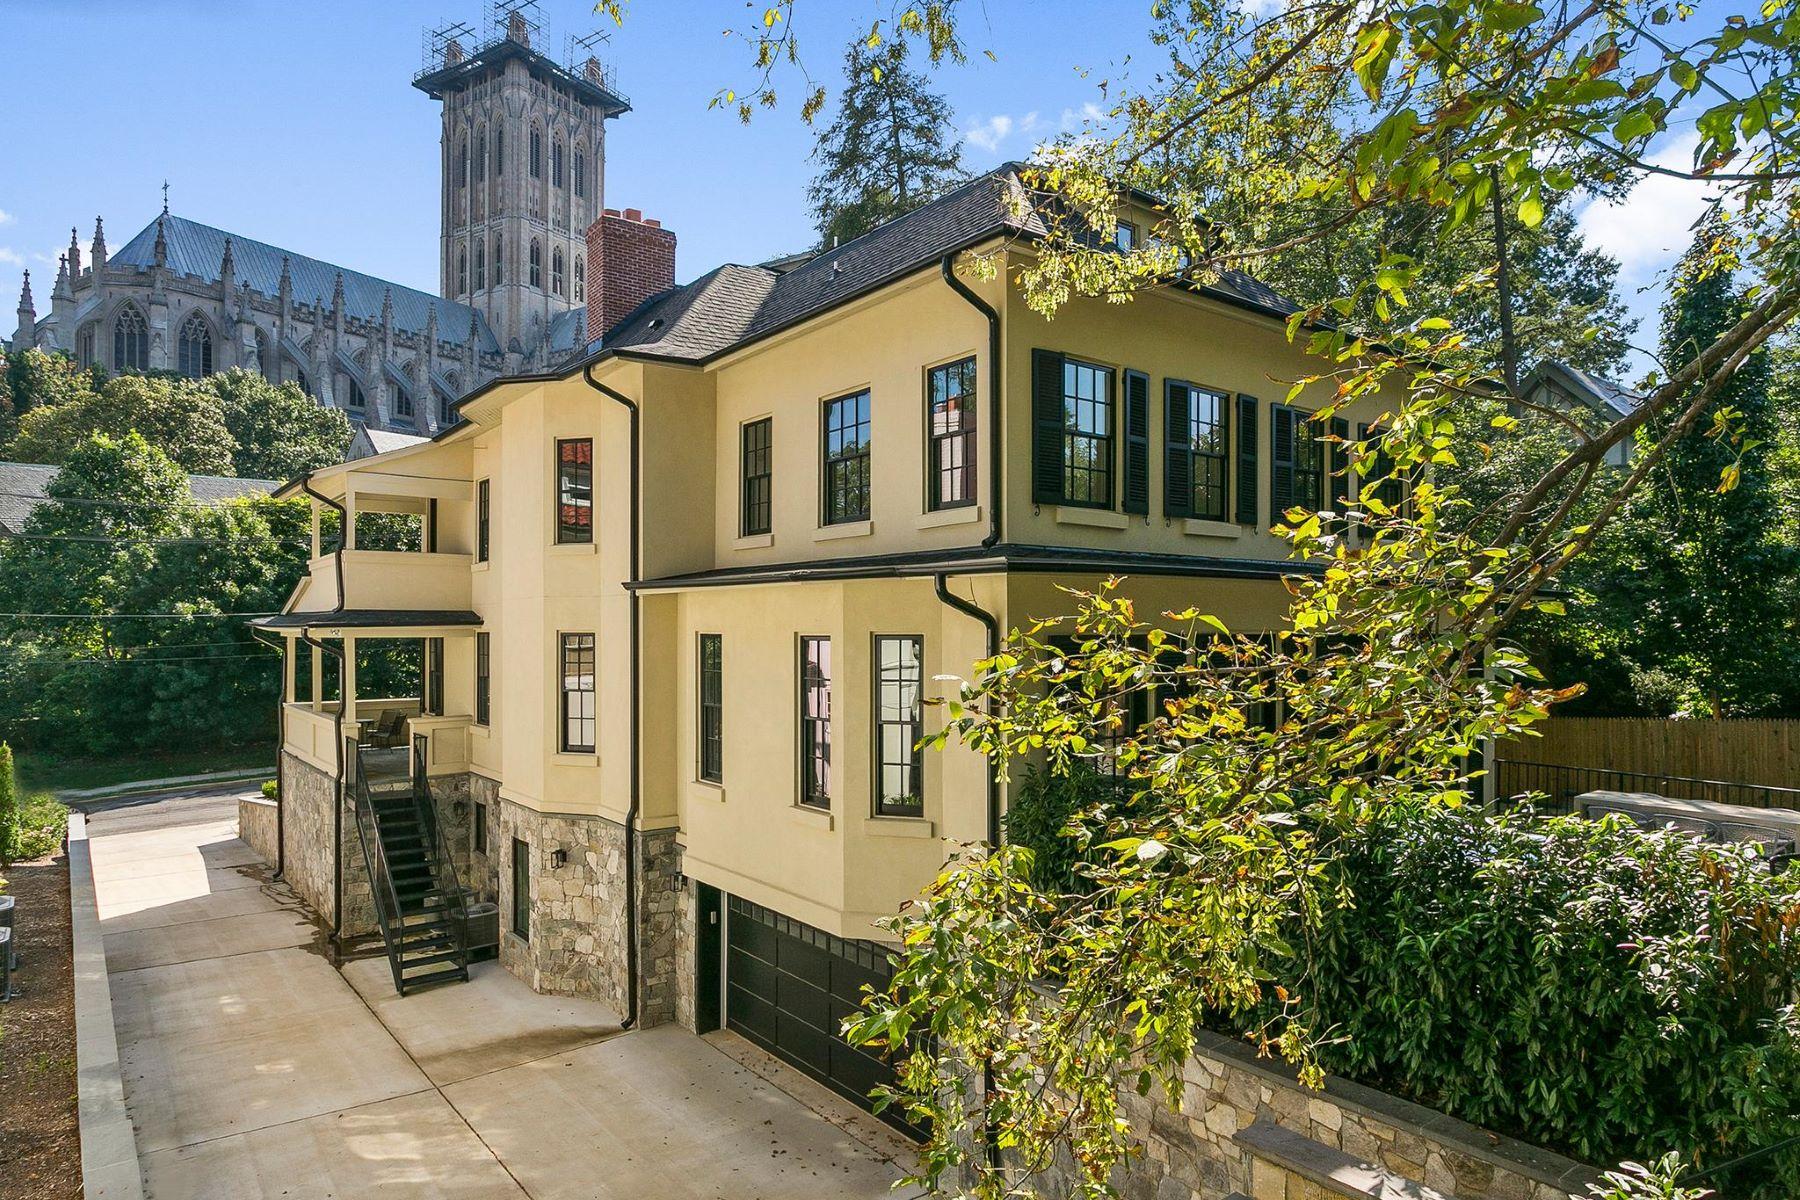 Villa per Vendita alle ore 3515 Woodley Rd Nw 3515 Woodley Rd Nw Washington, Distretto Di Columbia 20016 Stati Uniti